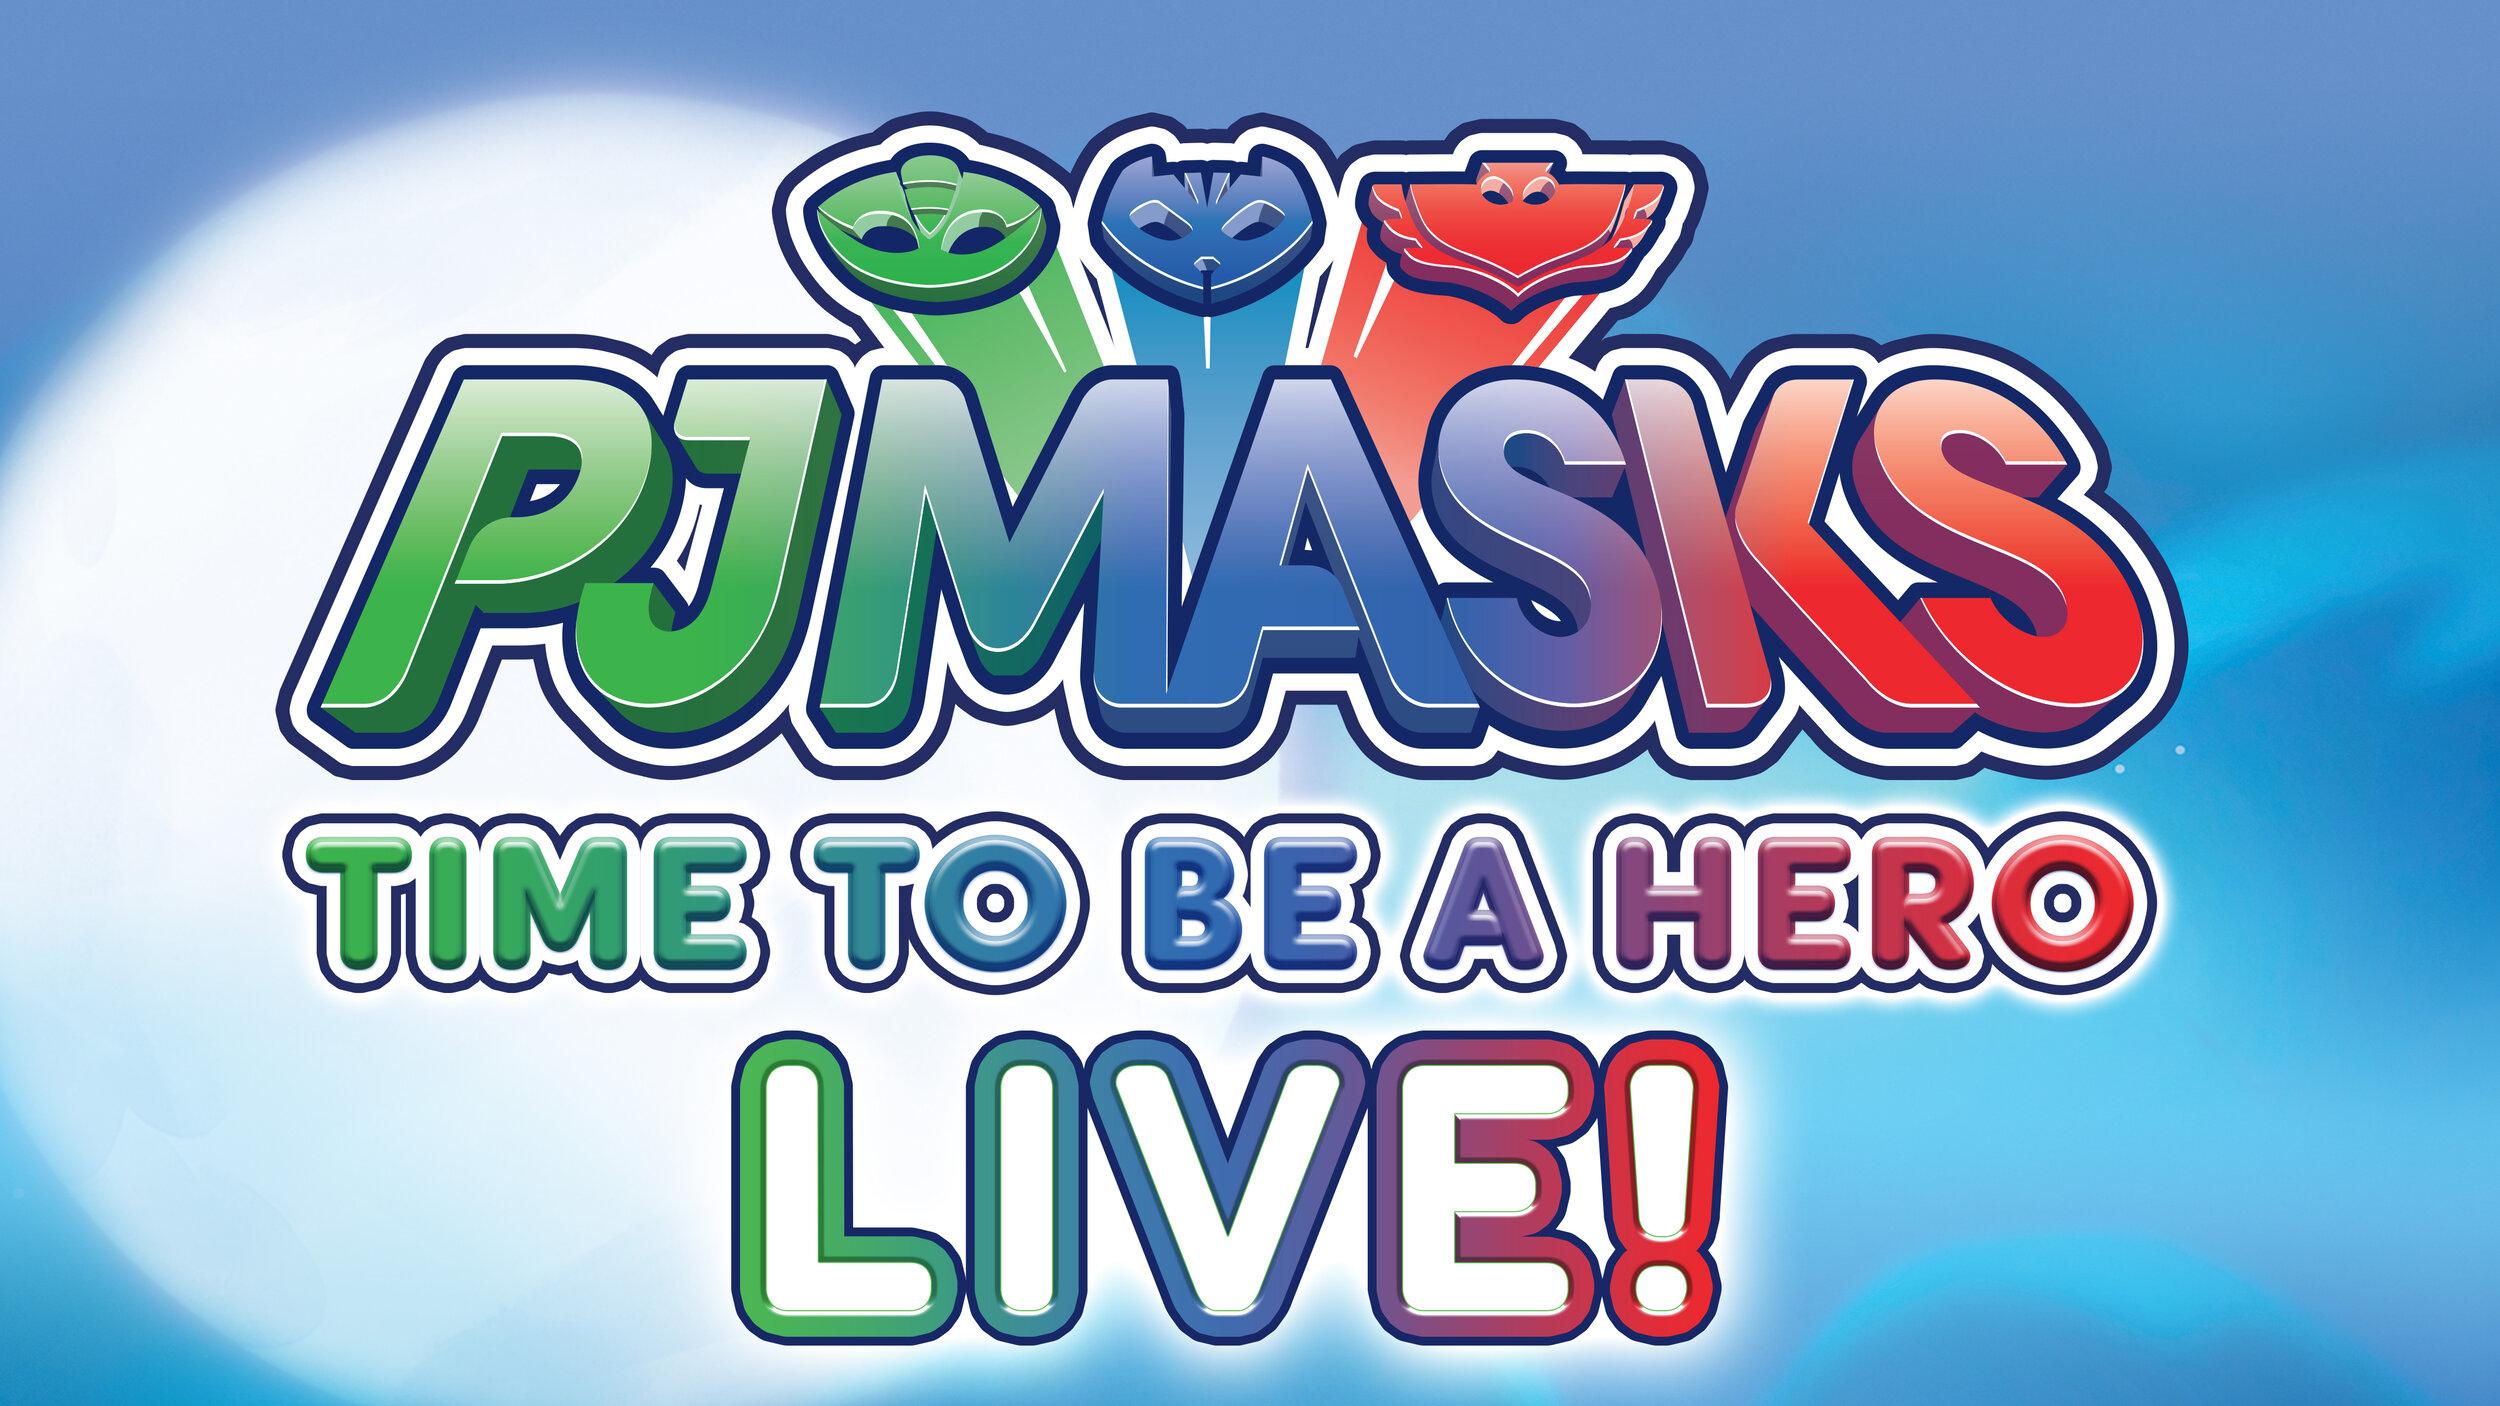 PJ MASKS LIVE.jpg